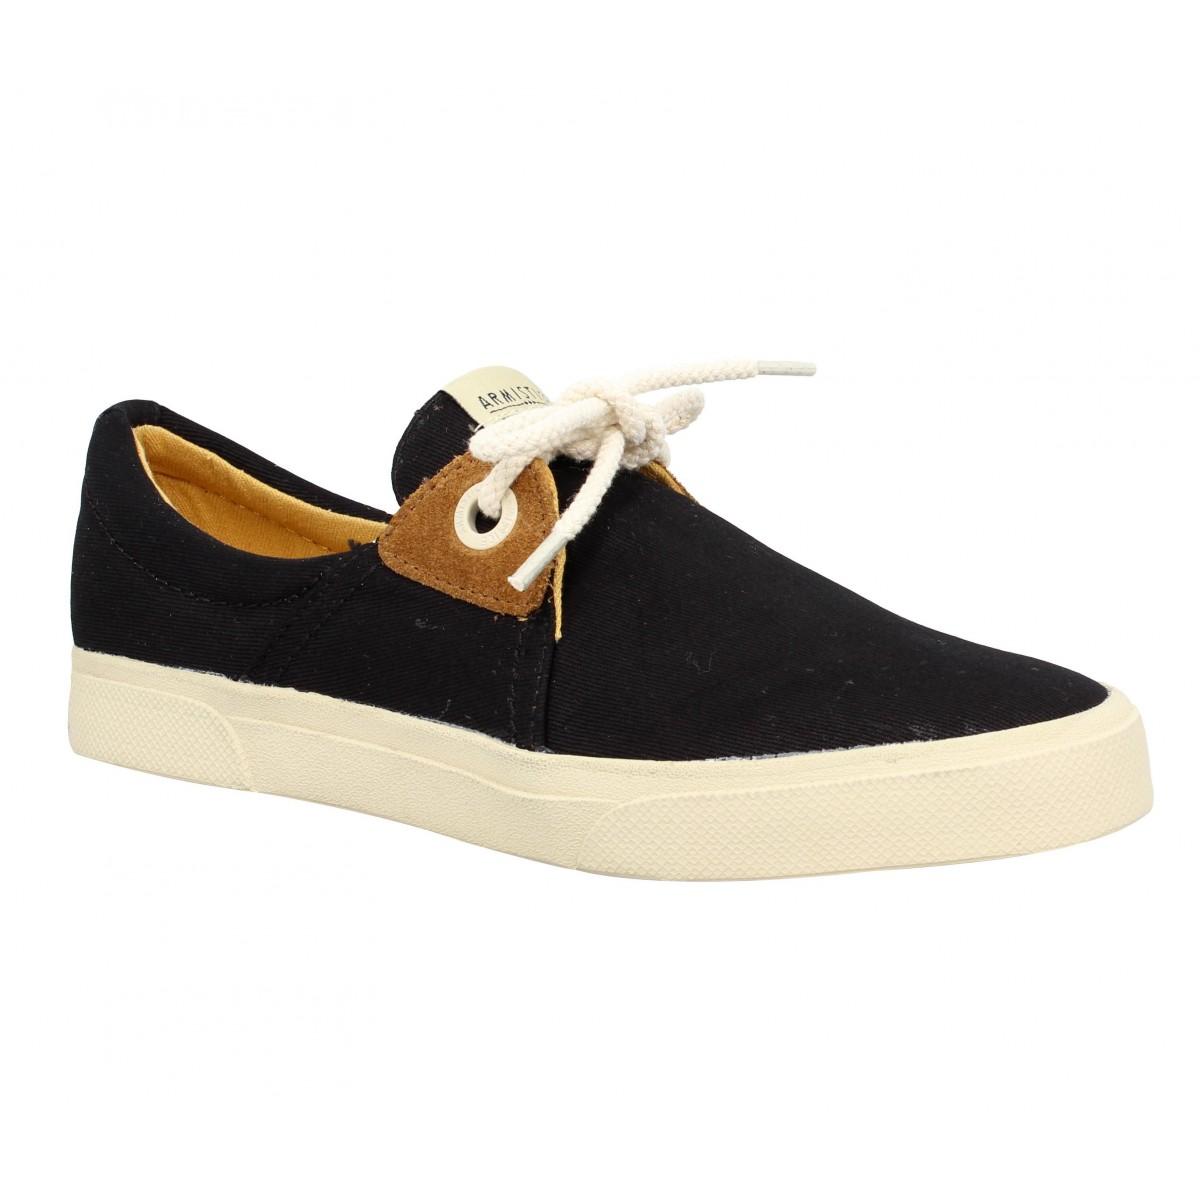 Chaussures Armistice Stone One noires Fashion femme DAzjxfJ1h